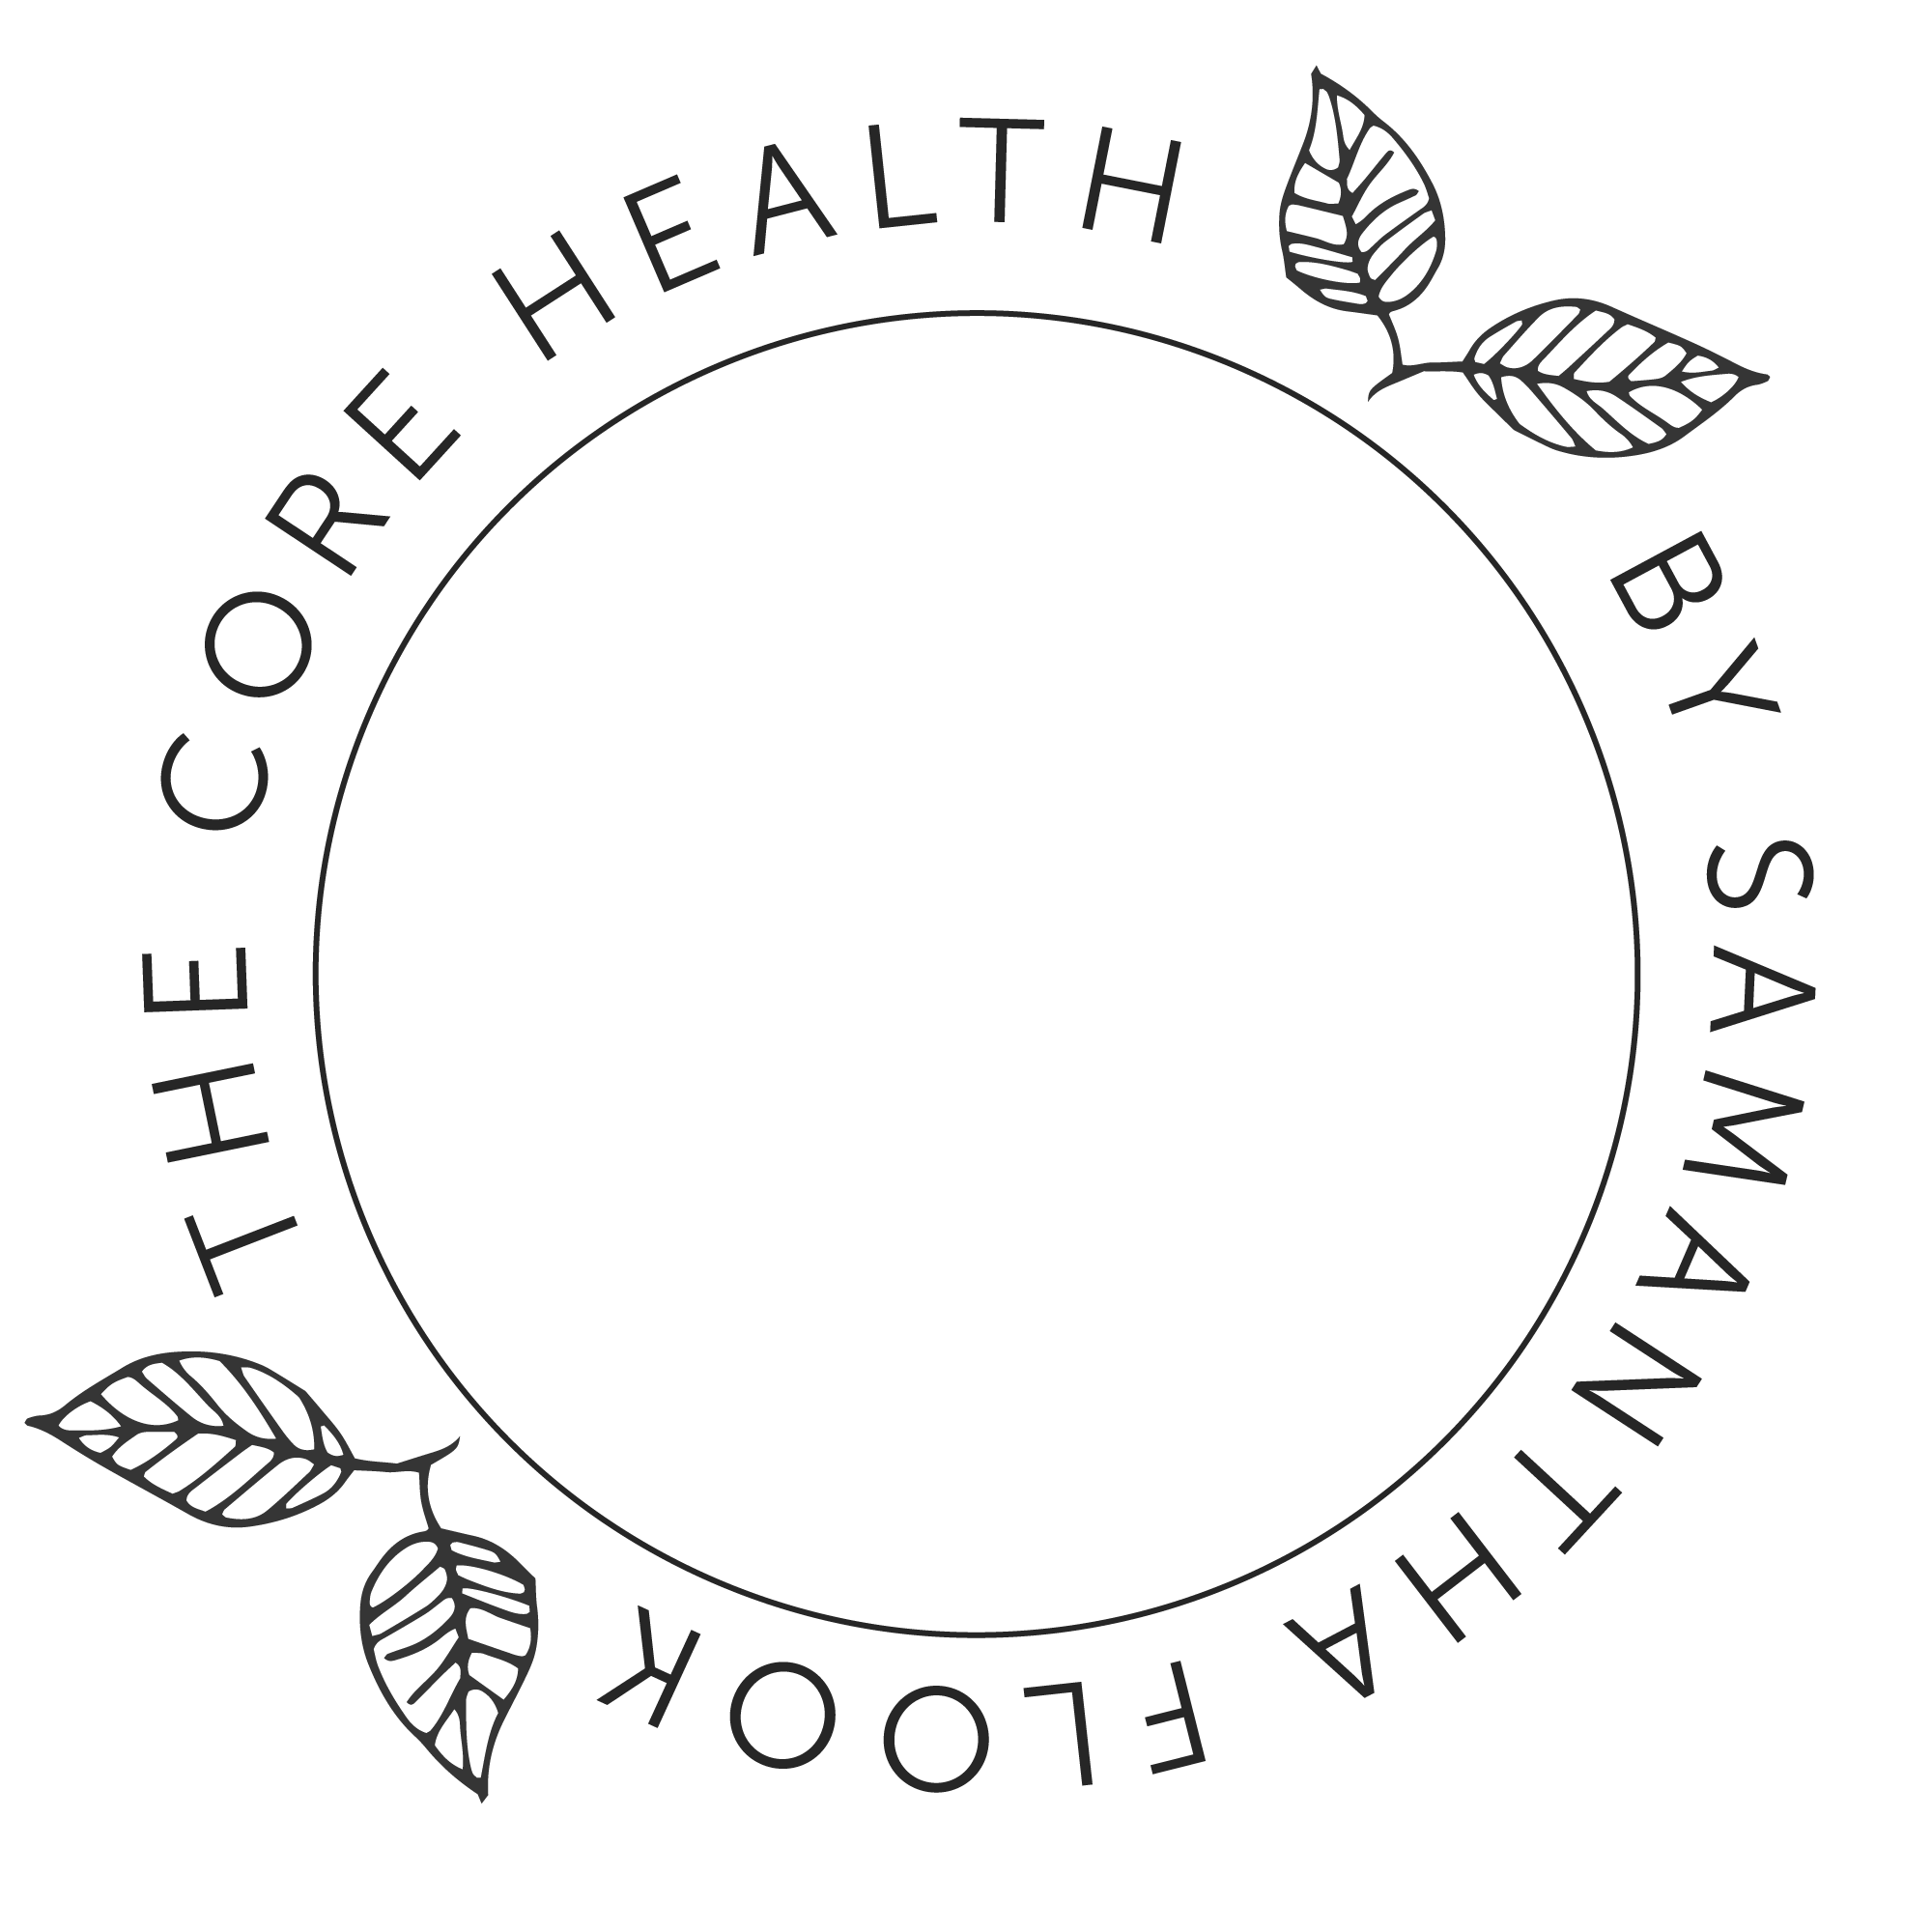 circle-logo-4.png